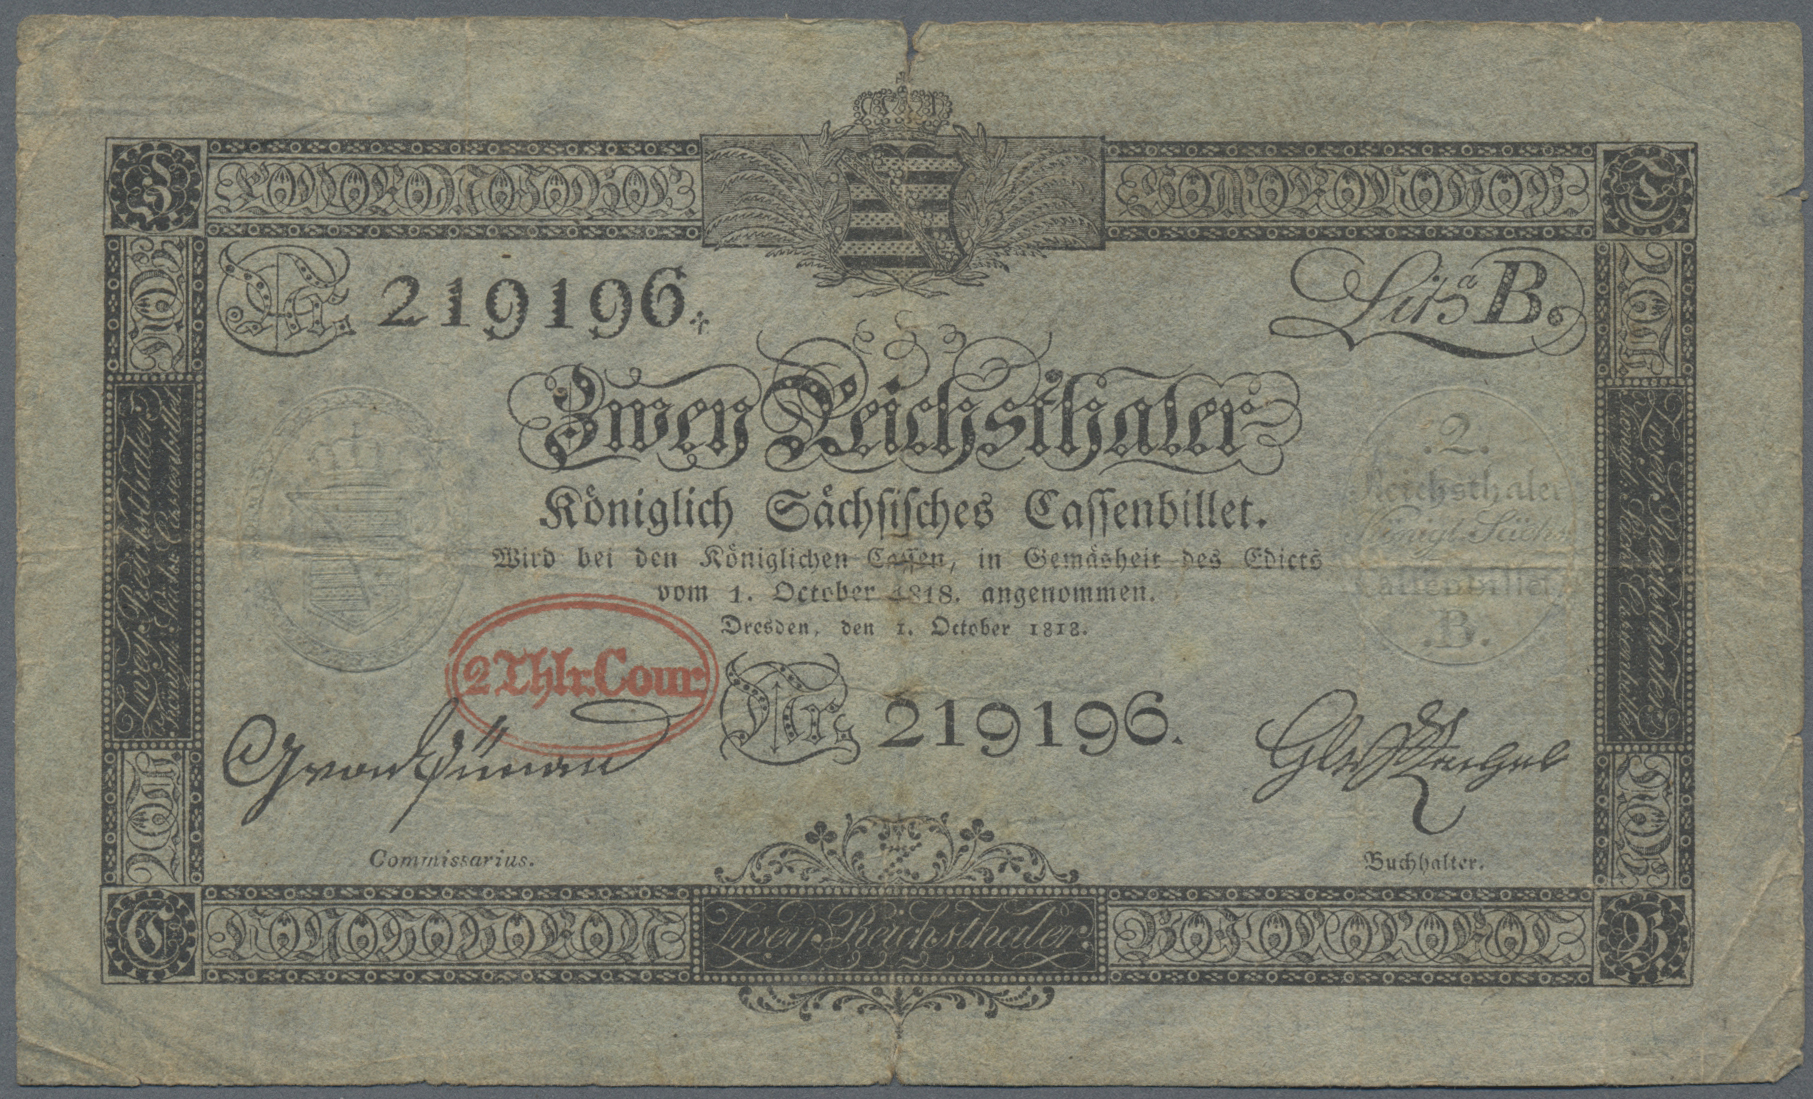 Lot 03307 - Deutschland - Altdeutsche Staaten   Banknoten  -  Auktionshaus Christoph Gärtner GmbH & Co. KG Sale #45 Banknotes Germany/Numismatics